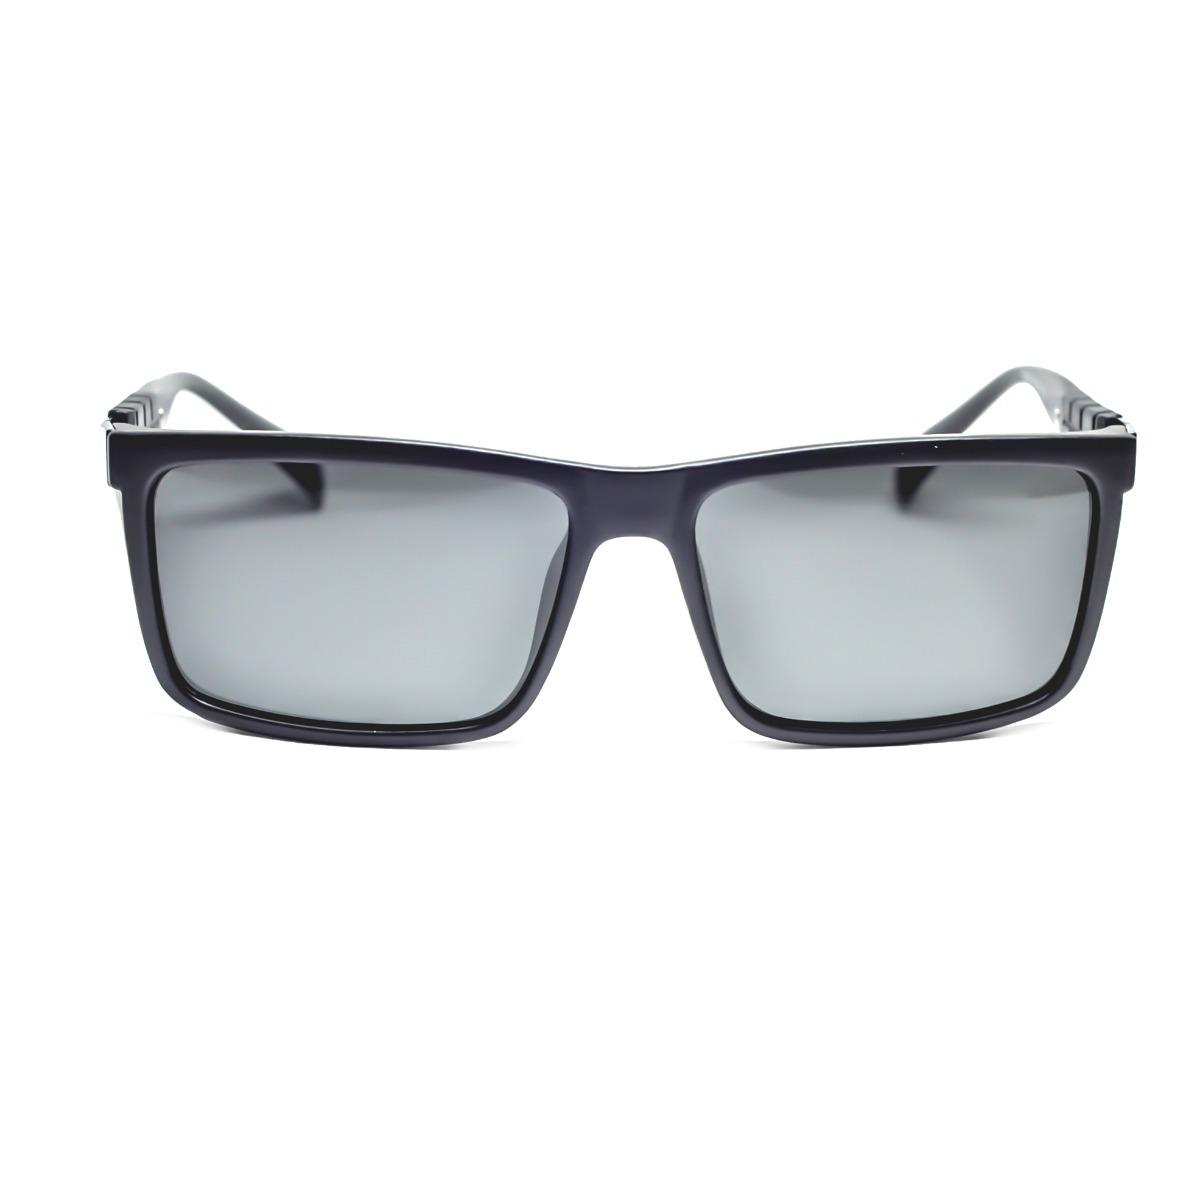 9d565ed72 oculos de sol preto quadrado estiloso qualidade top uv400. Carregando zoom.